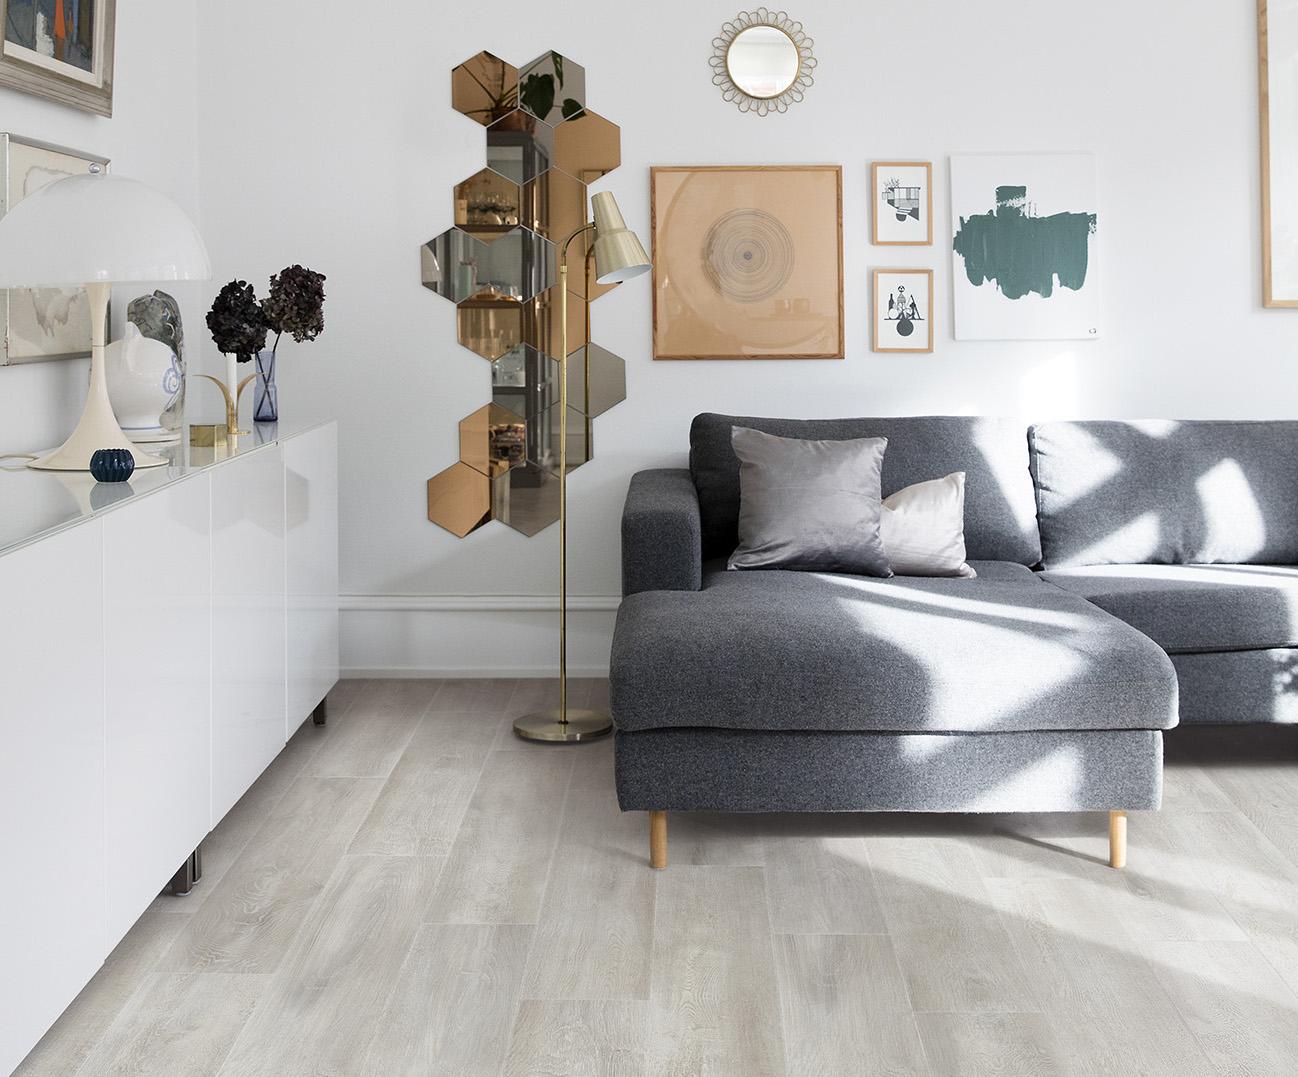 Alles over PVC vloeren #pvc #vloeren #pvcvloeren #interieur #moduleo